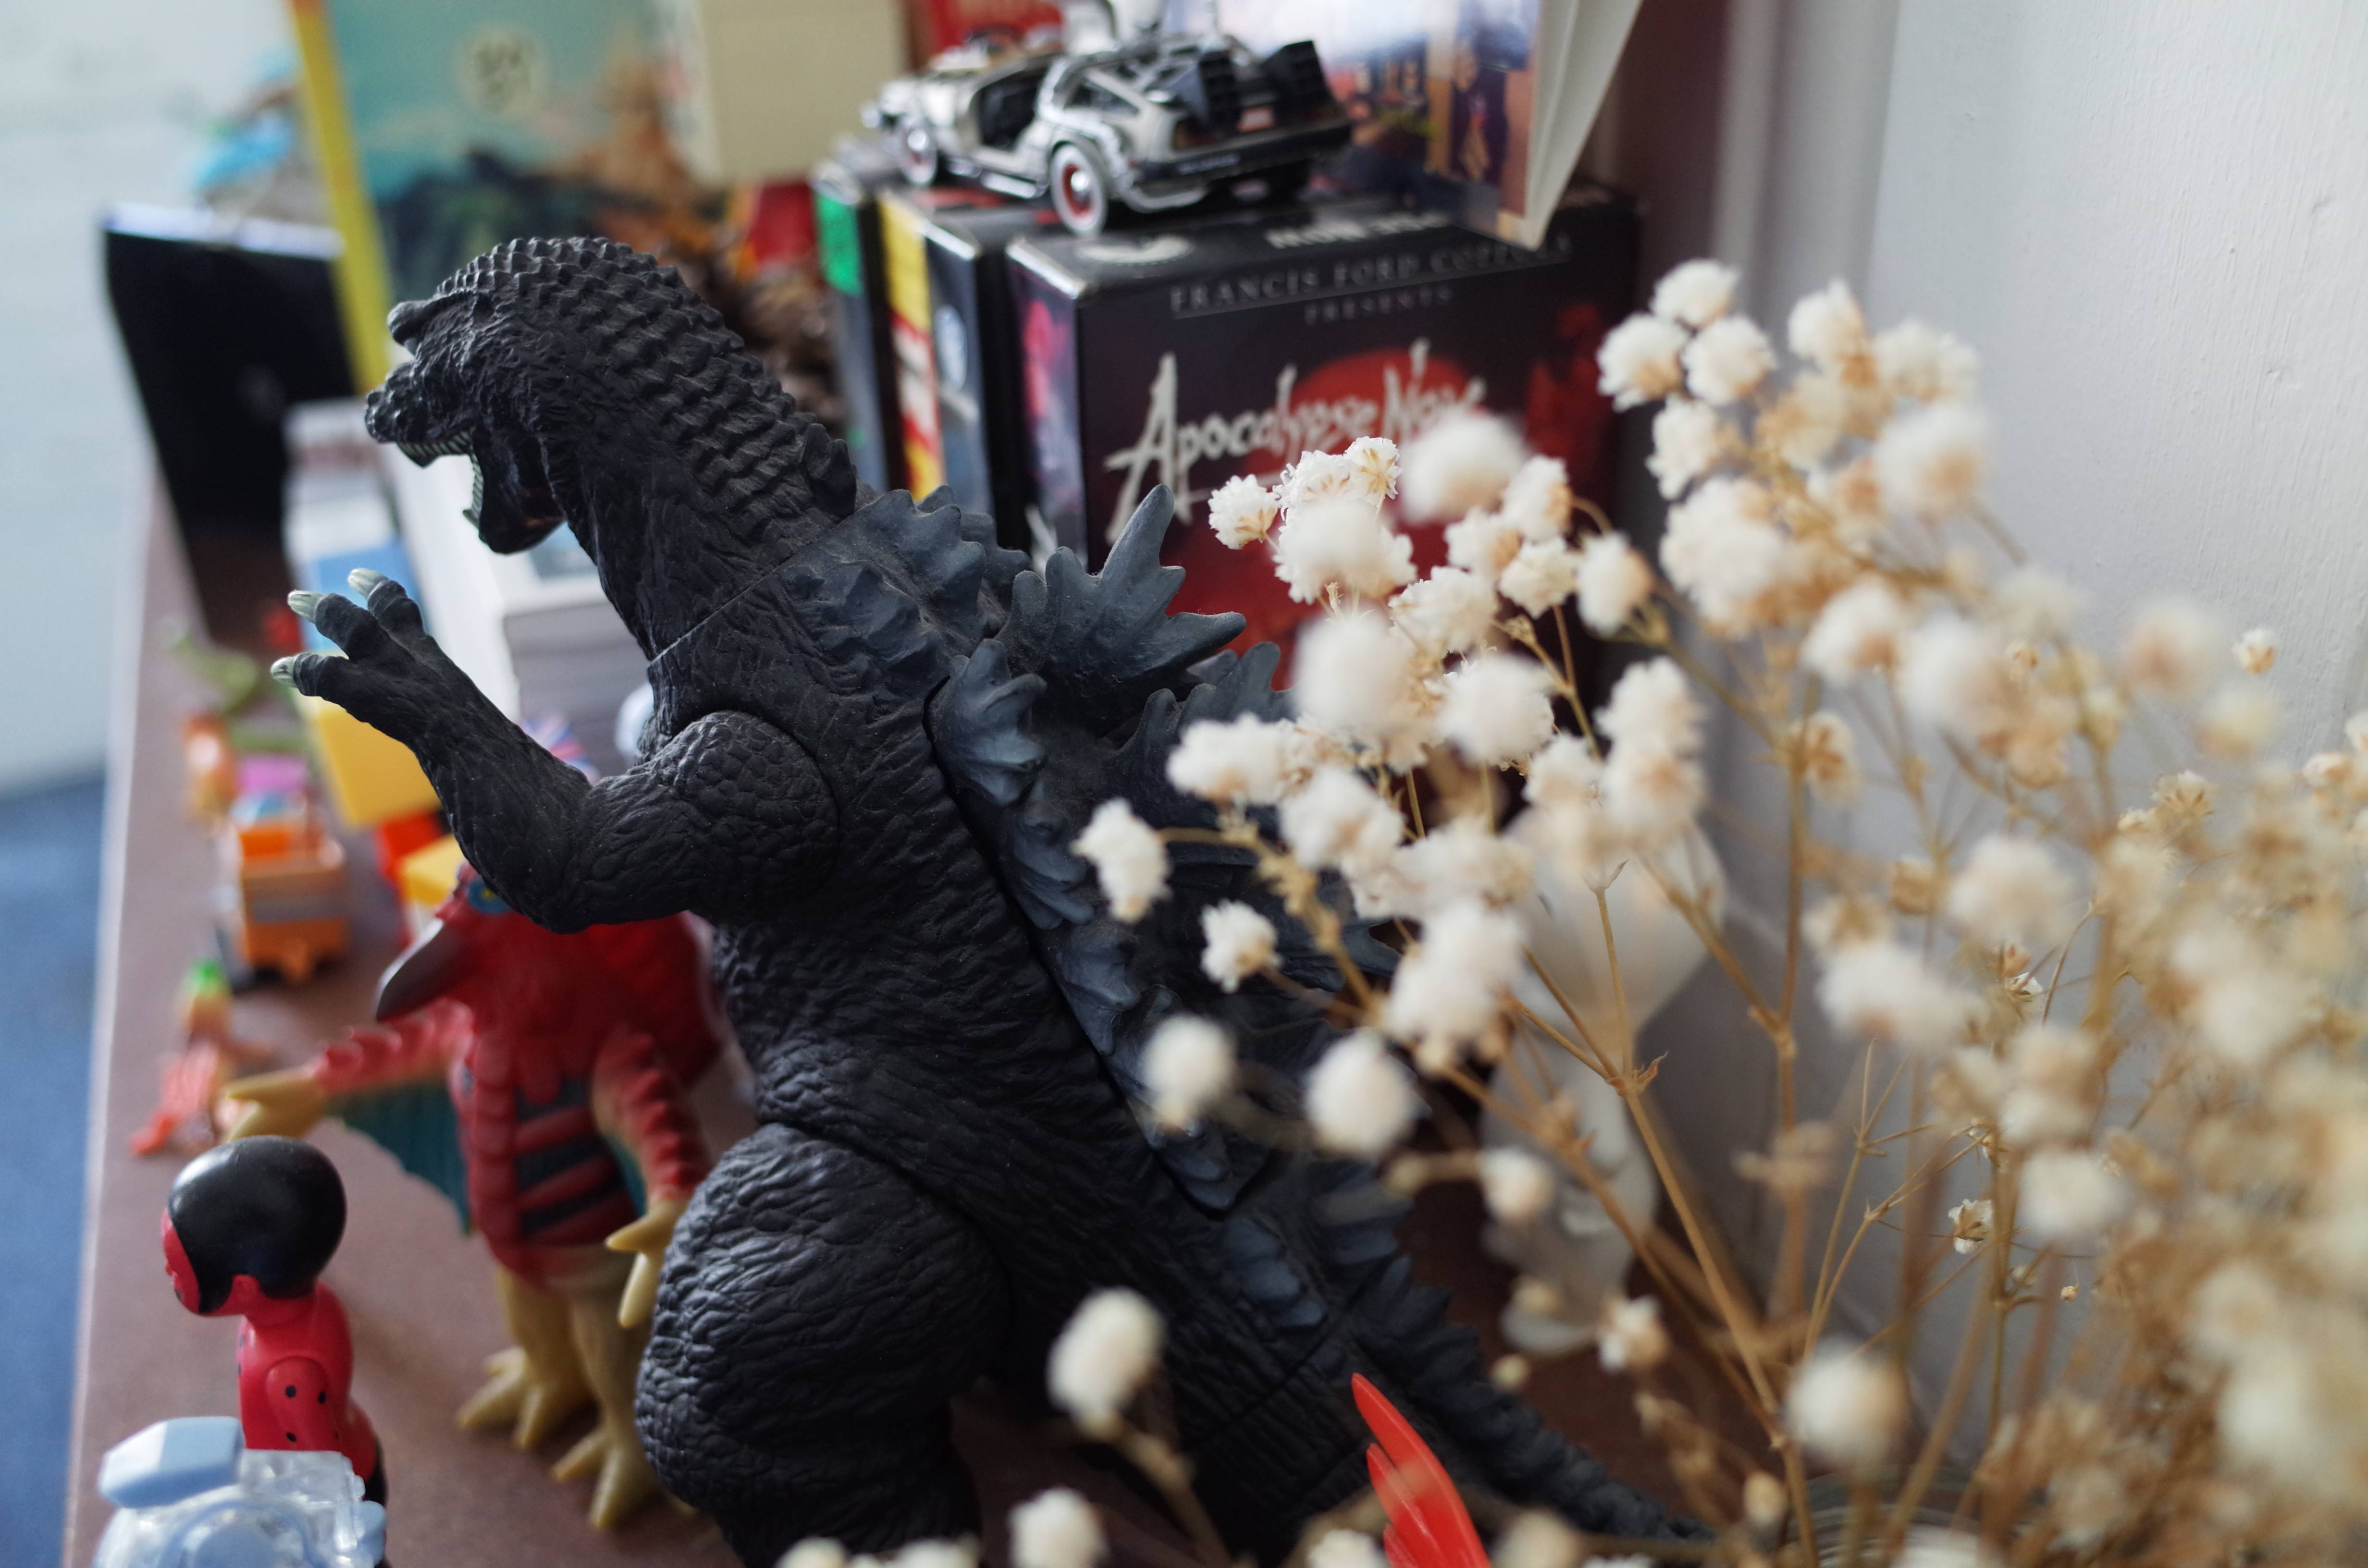 toy-story-of-rockyrama